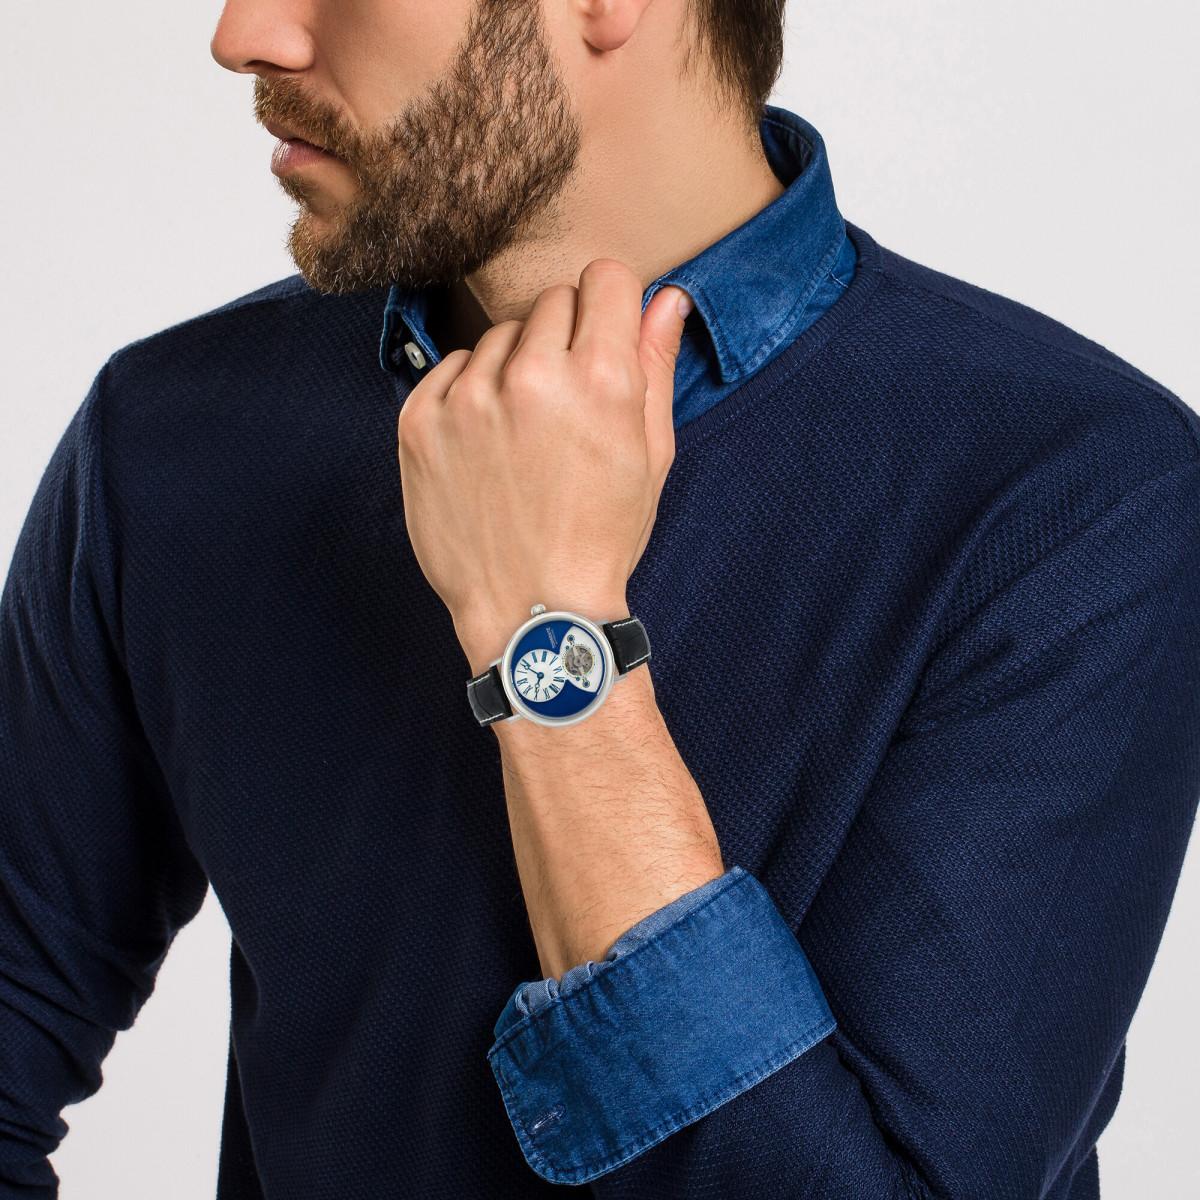 """Torrente - Montre """"New York"""" Cadran Bleu - Boîtier Acier - Bracelet Cuir Noir - Homme"""